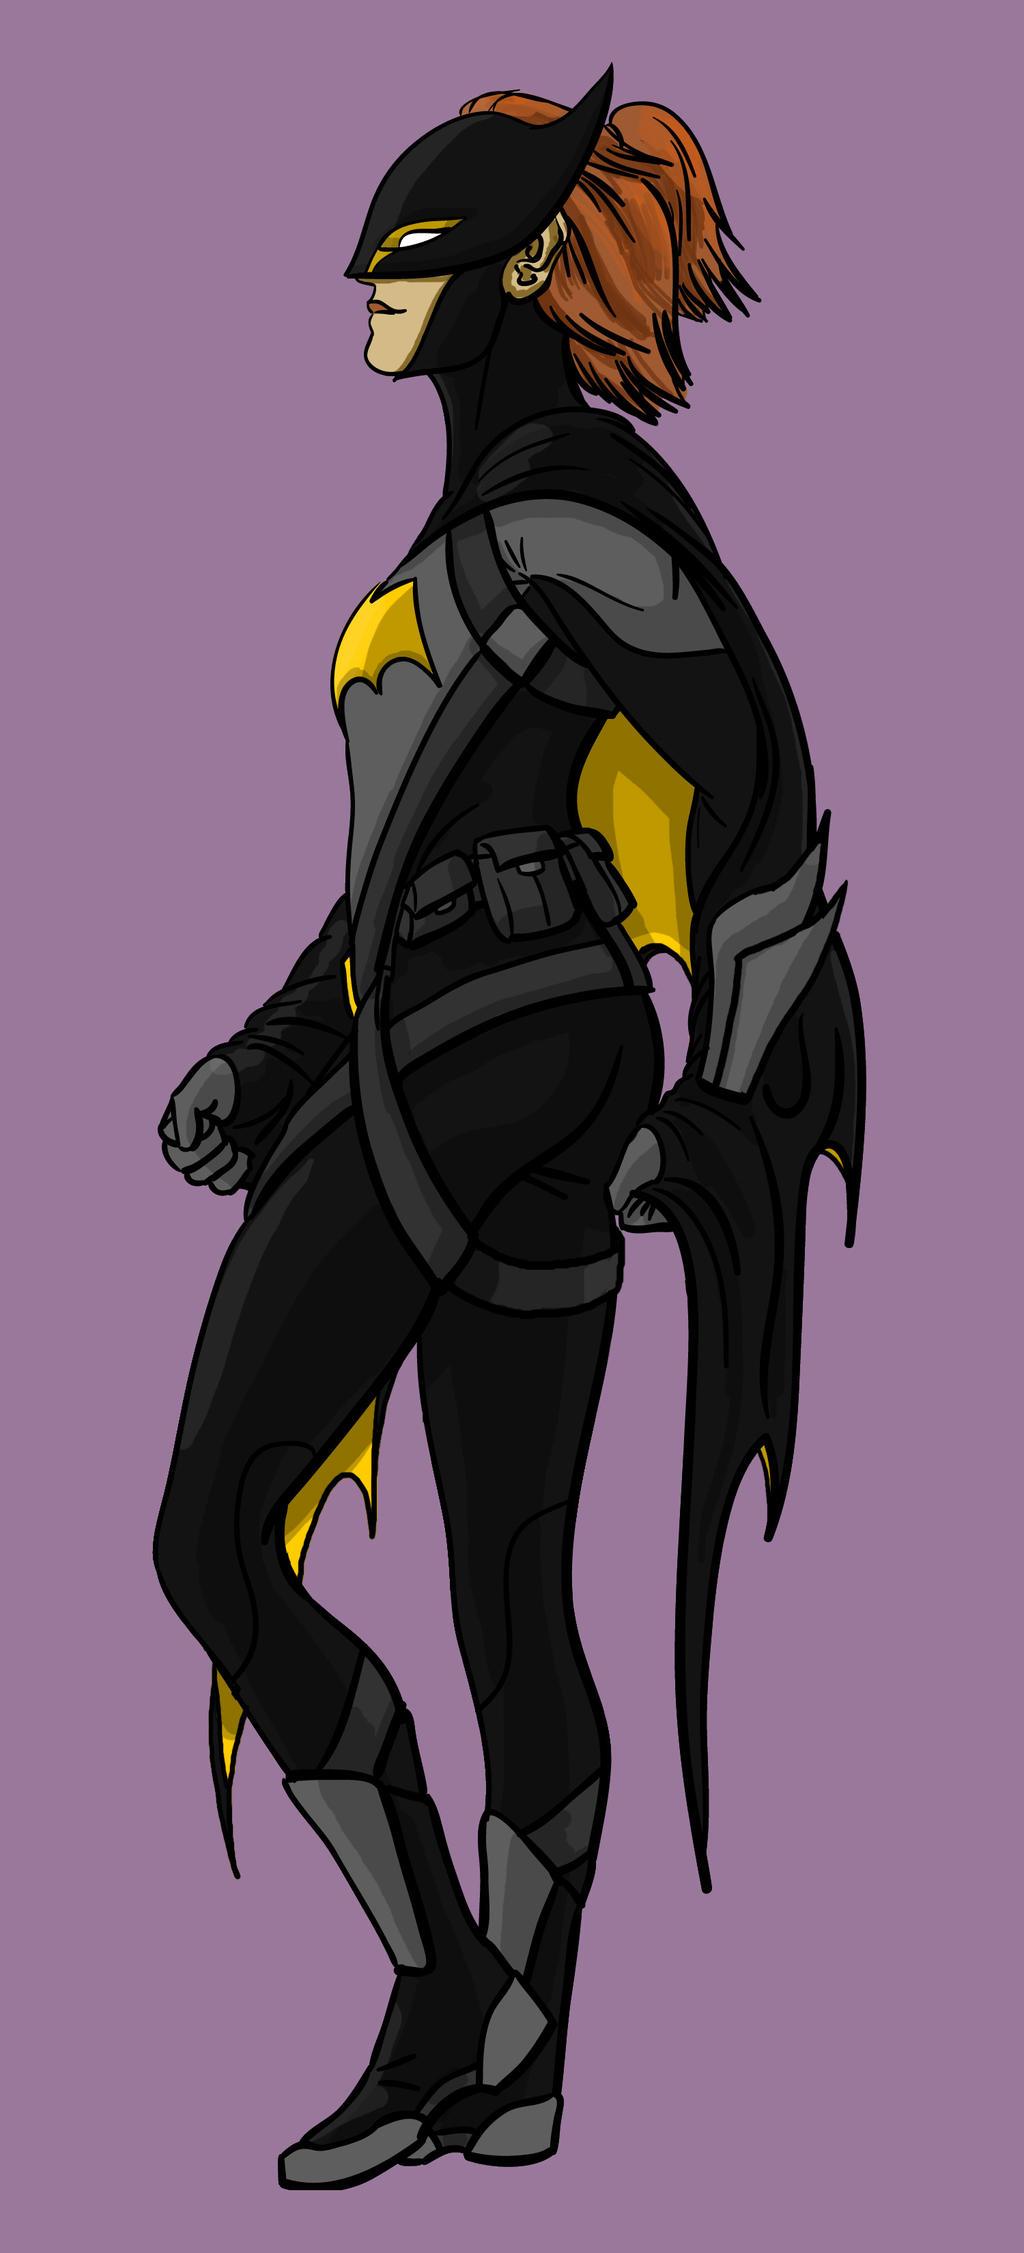 Batgirl (Standing) by toekneearrows